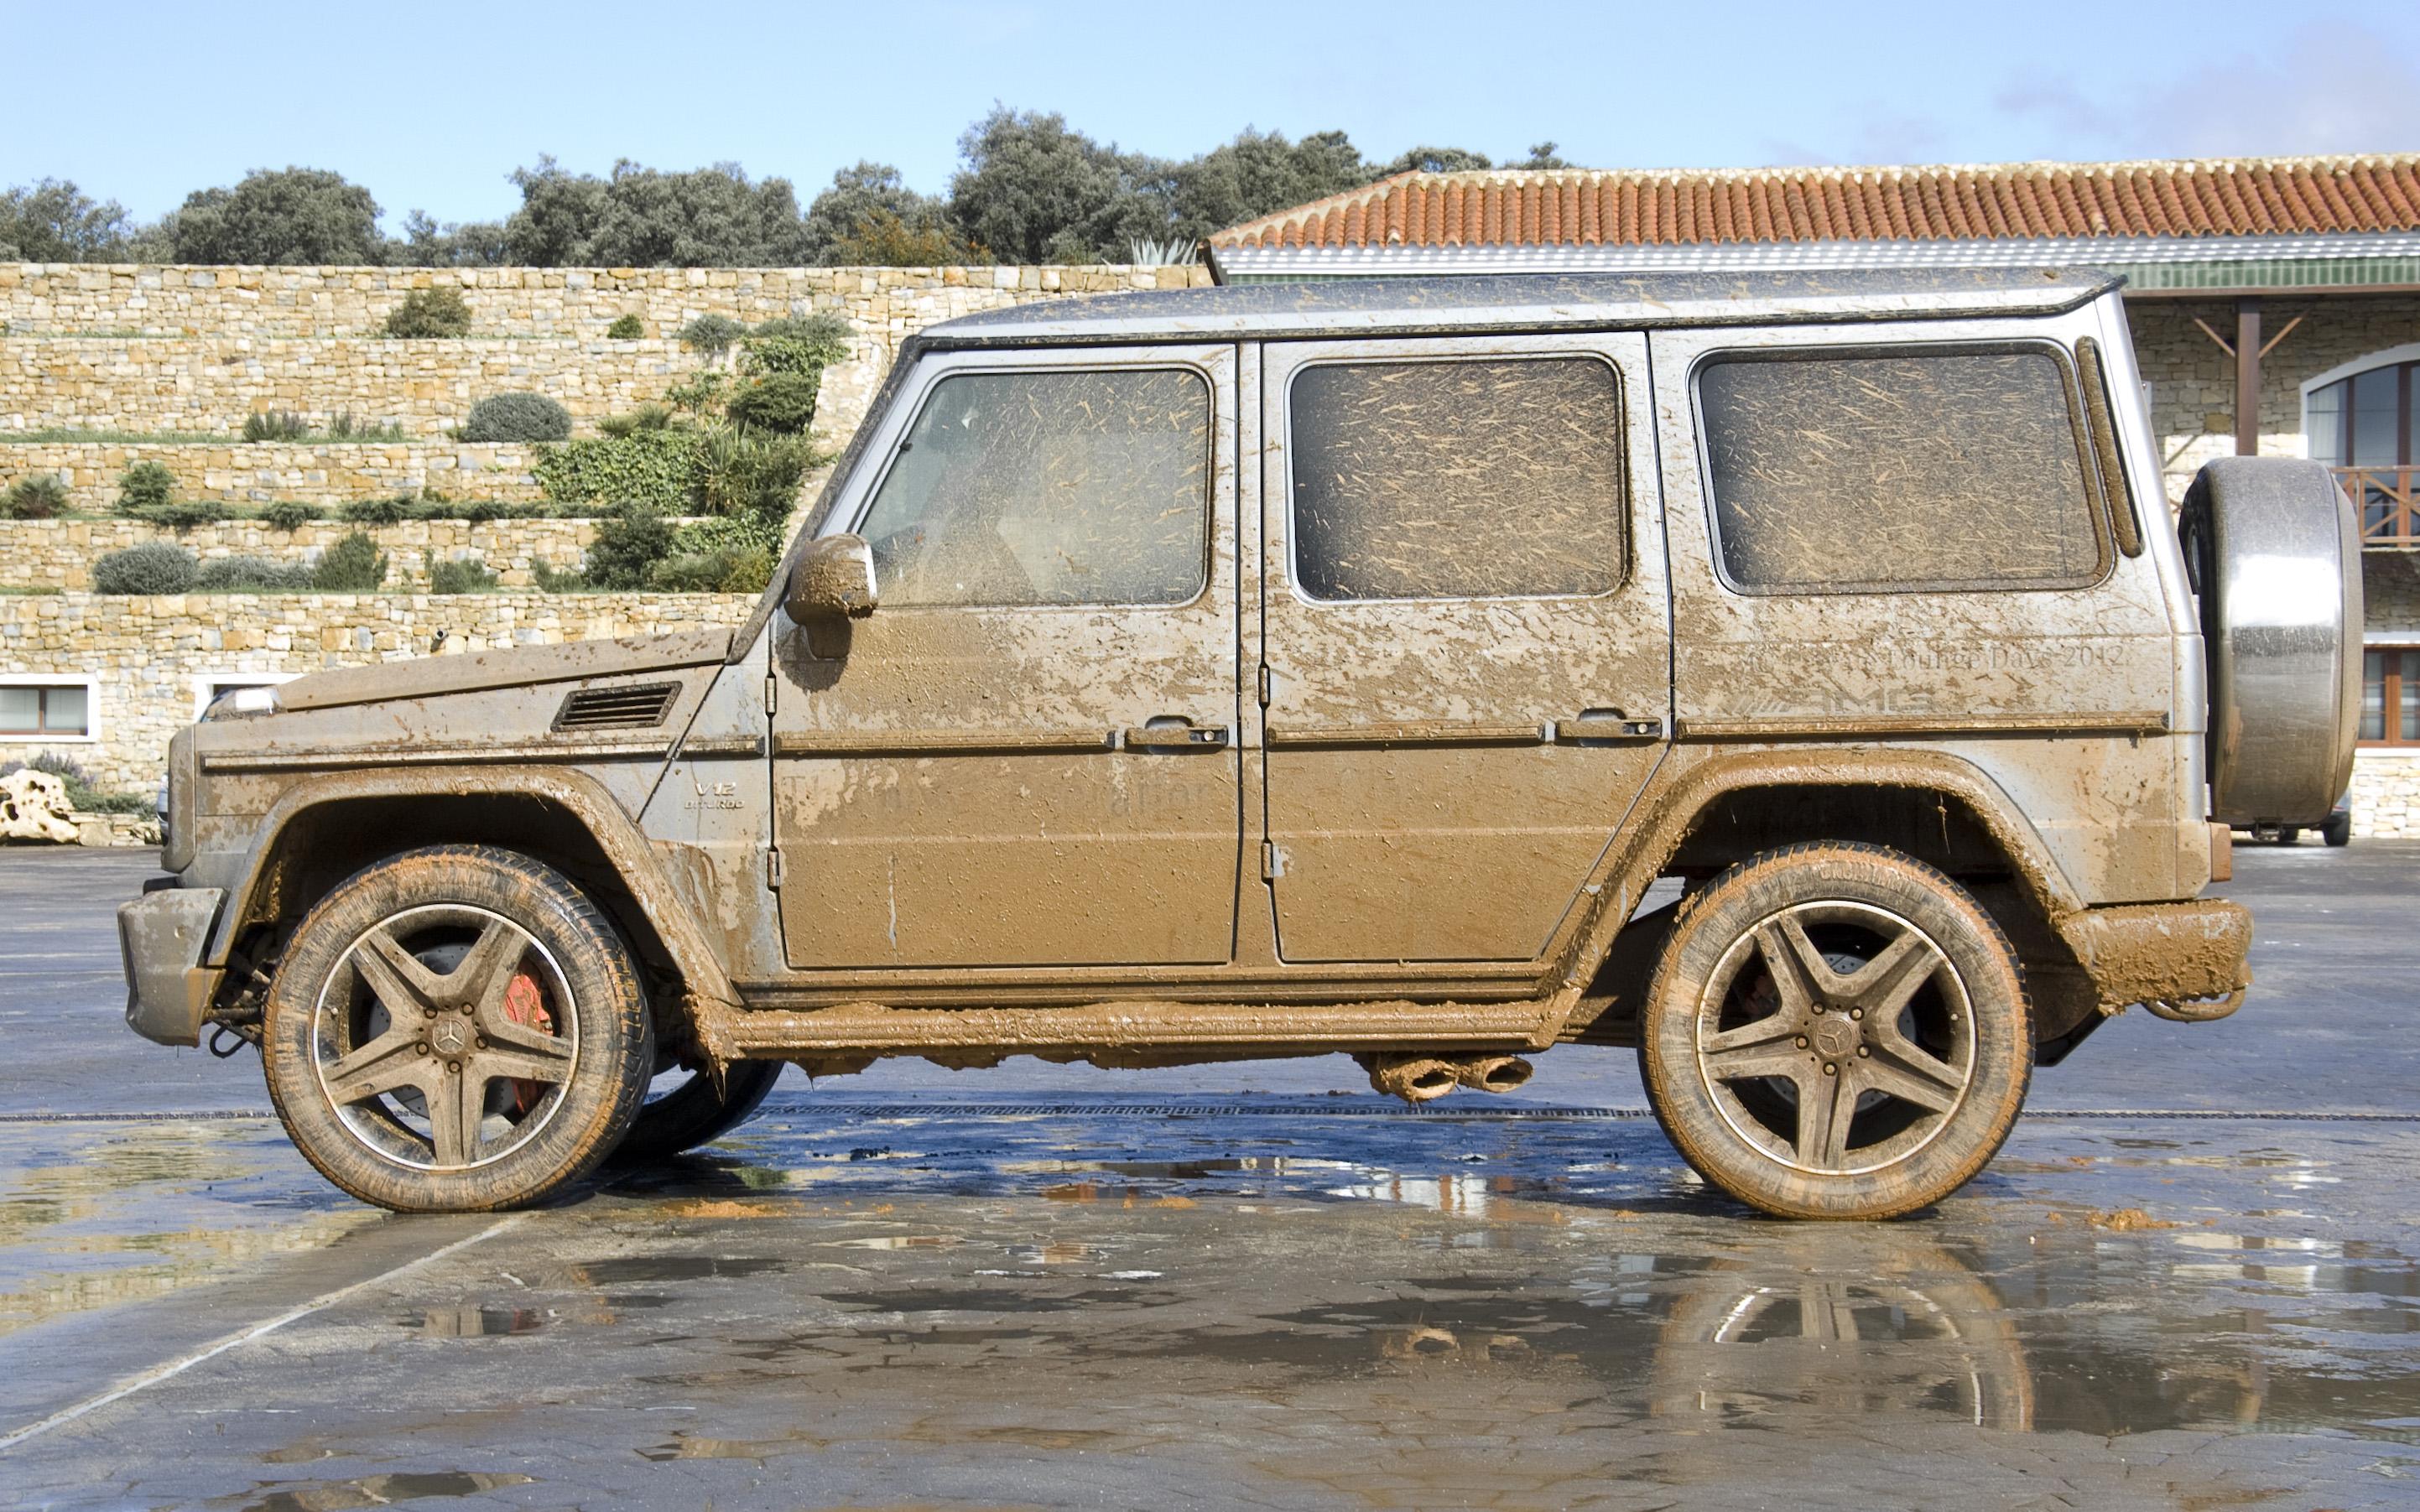 File mercedes benz g 65 amg v12 biturbo covered in mud for Mercedes benz amg v12 biturbo